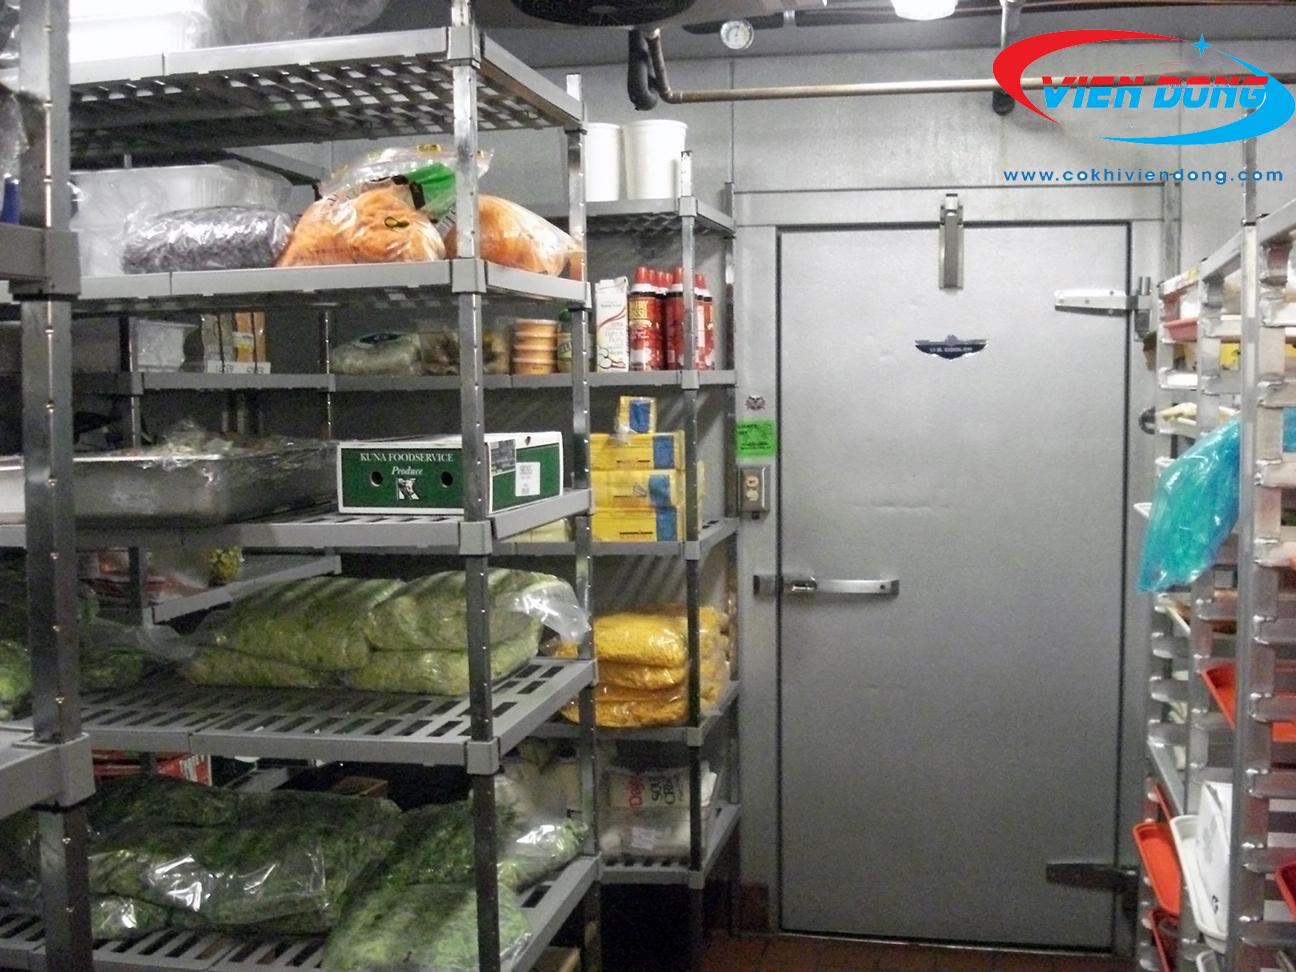 Khu kho lạnh bếp công nghiệp